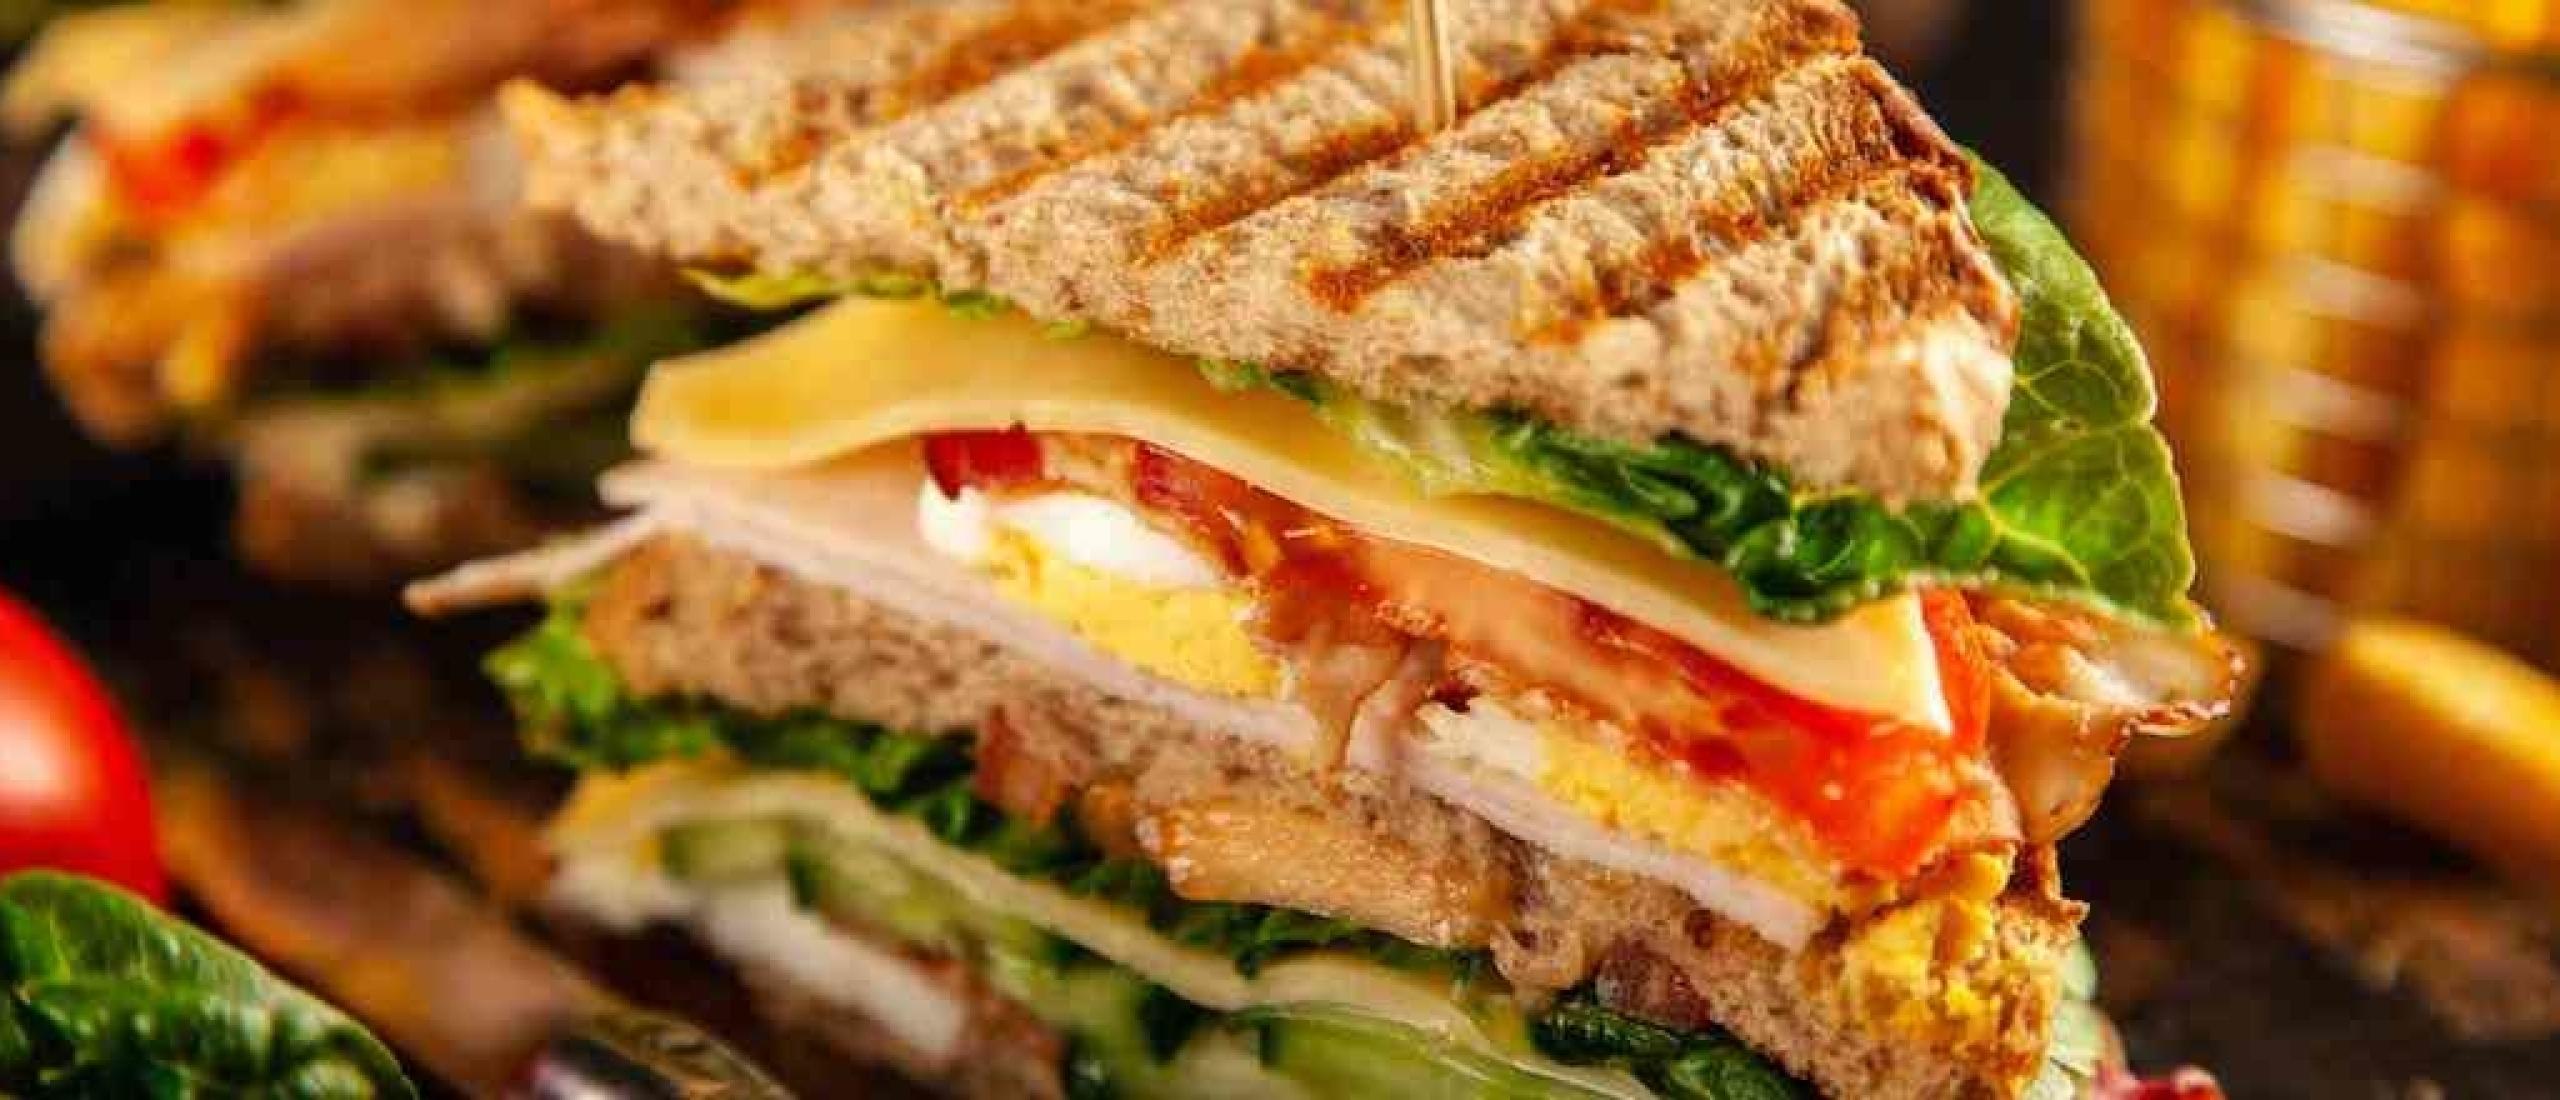 Clubsandwich voor een afwisselende lunch